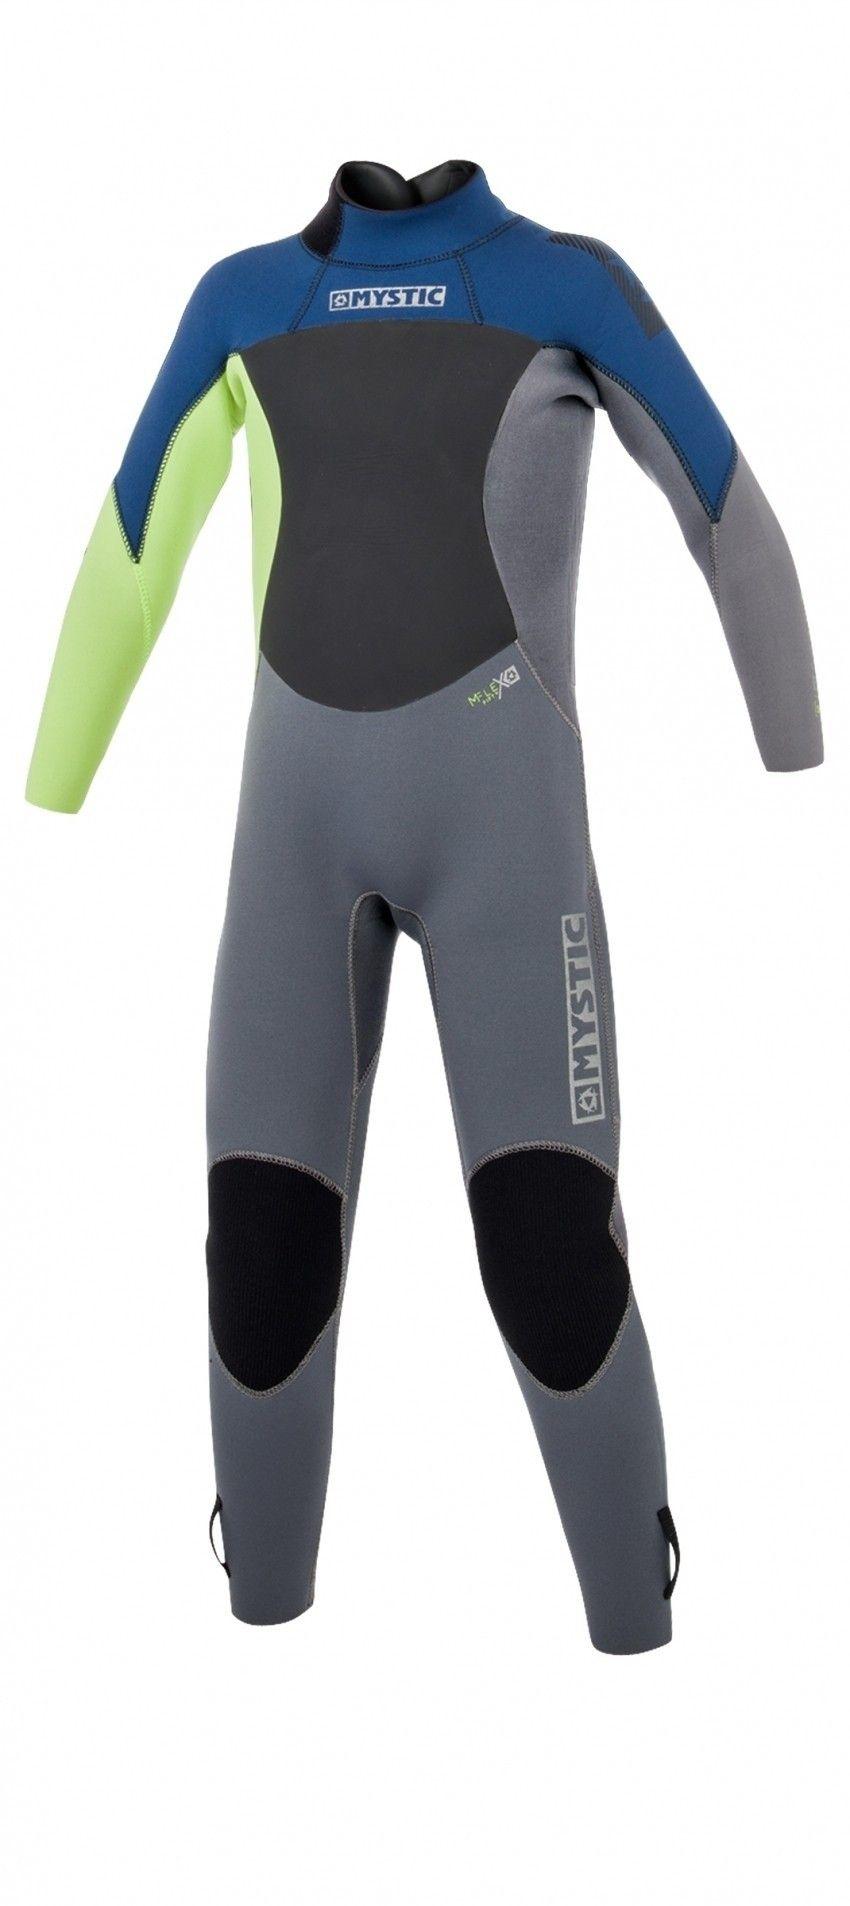 Mystic Star wetsuit 5/4 junior